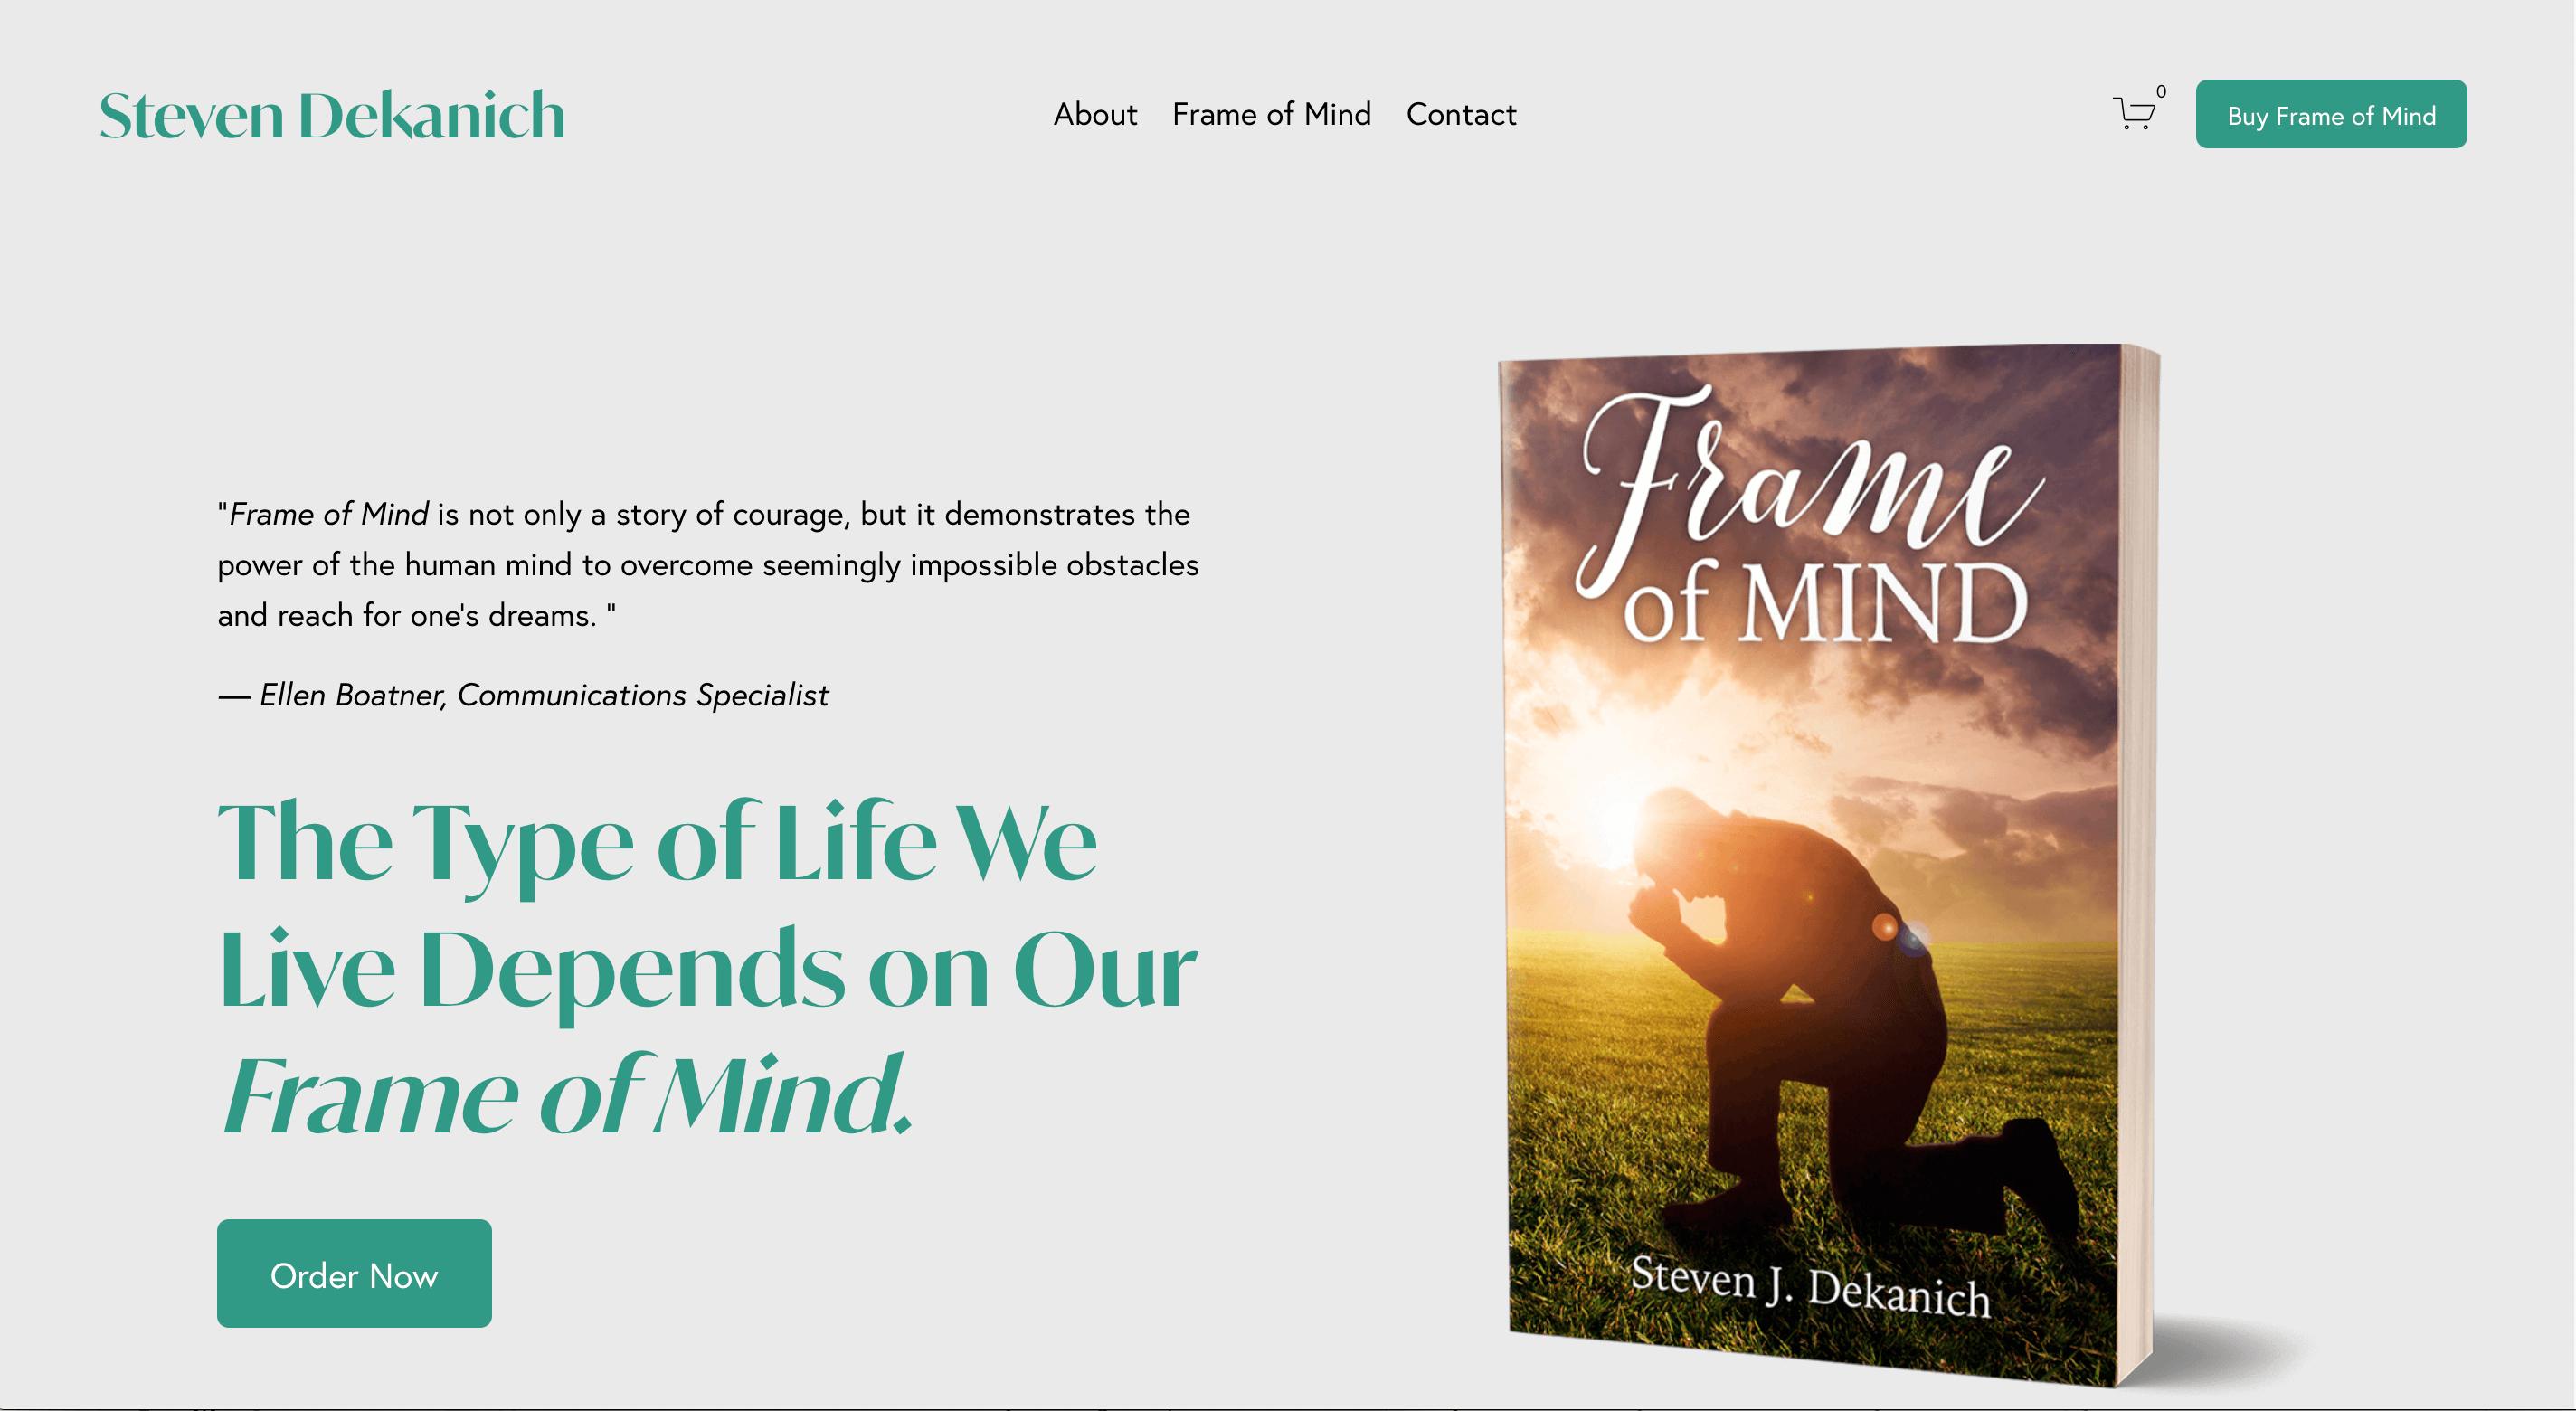 Frame of Mind Book